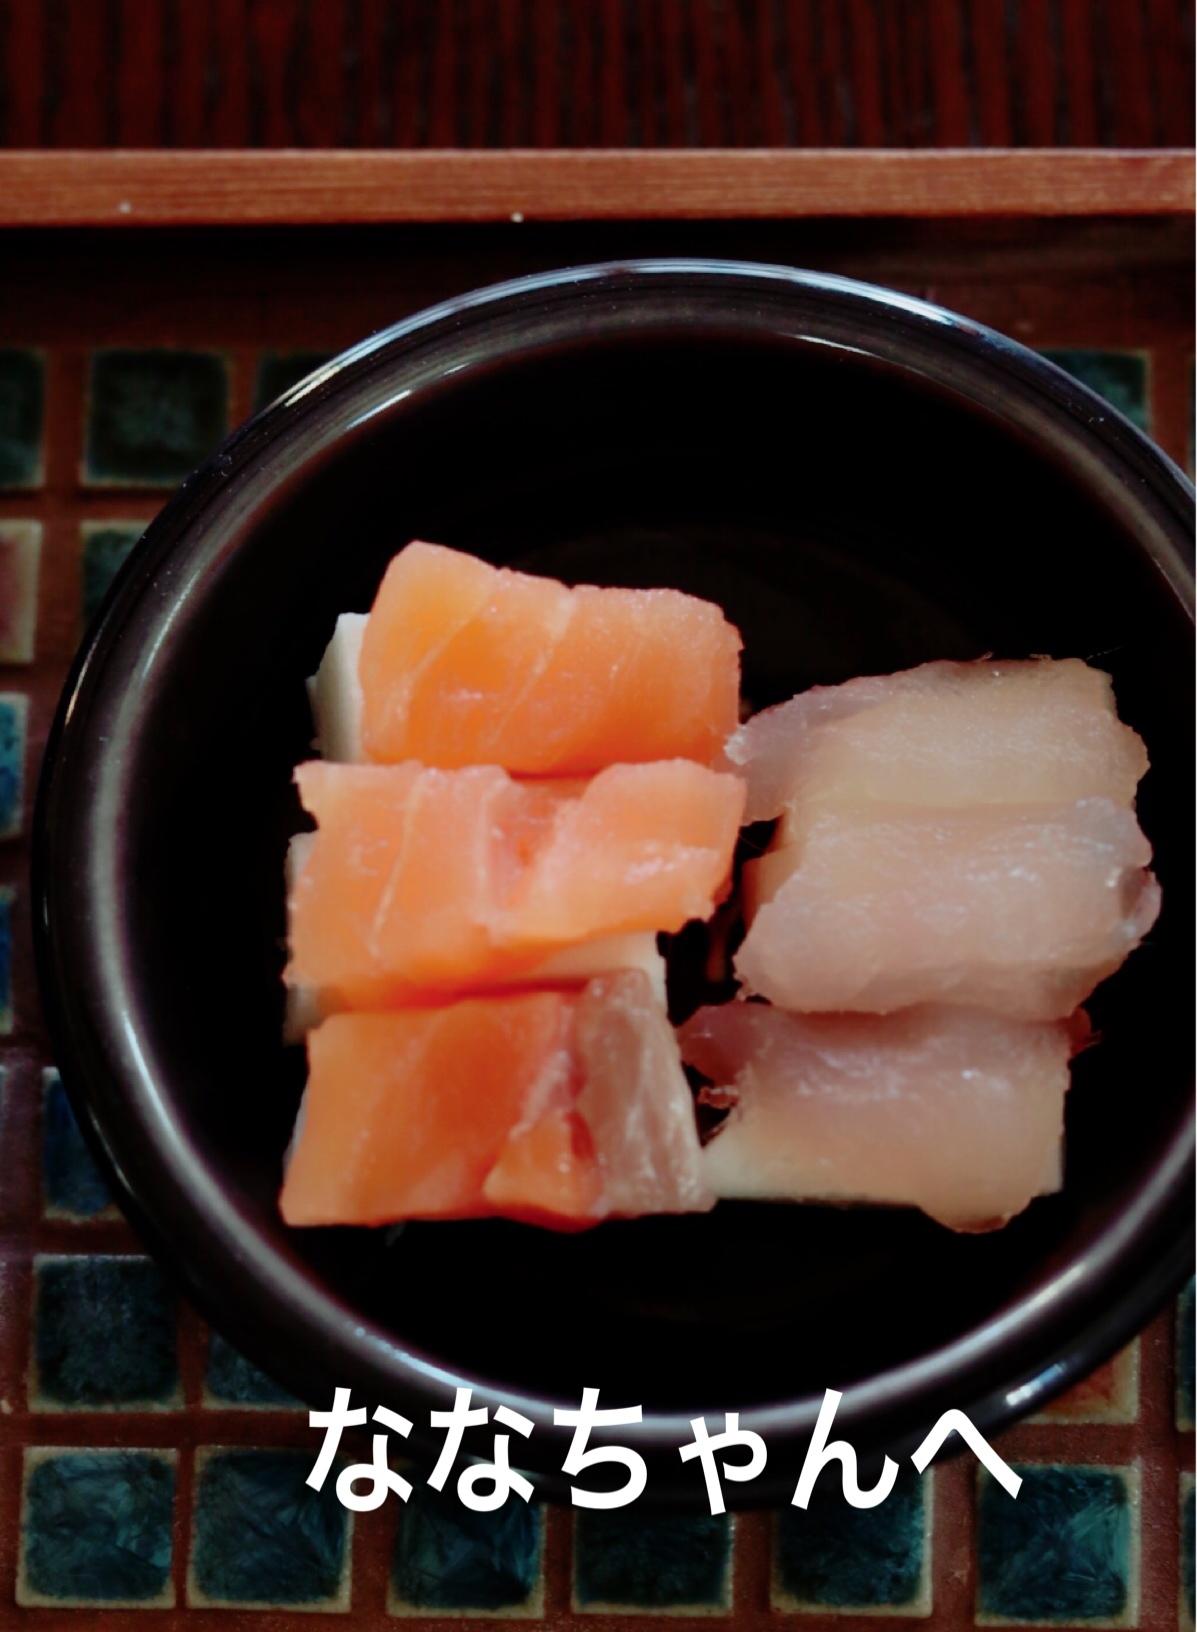 にゃんこ劇場「寿司!食いね〜」_c0366722_16540826.jpg